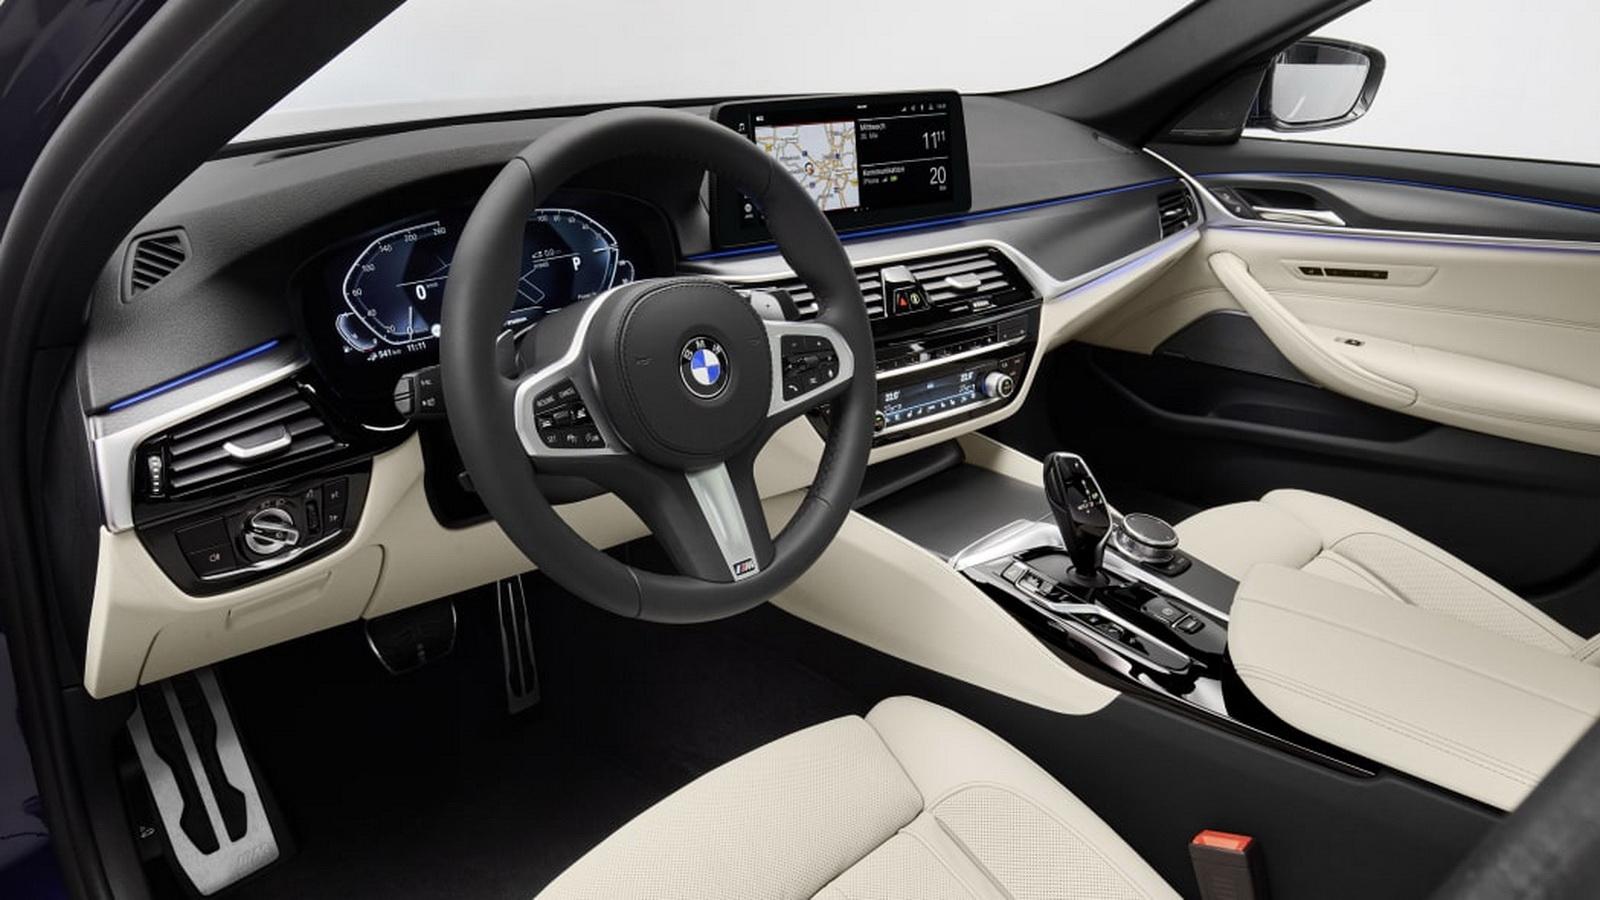 圖/內部座艙導入全新版本的語音助理IPA,只要對它說聲:Hey, BMW,就能輕鬆執行各種功能。